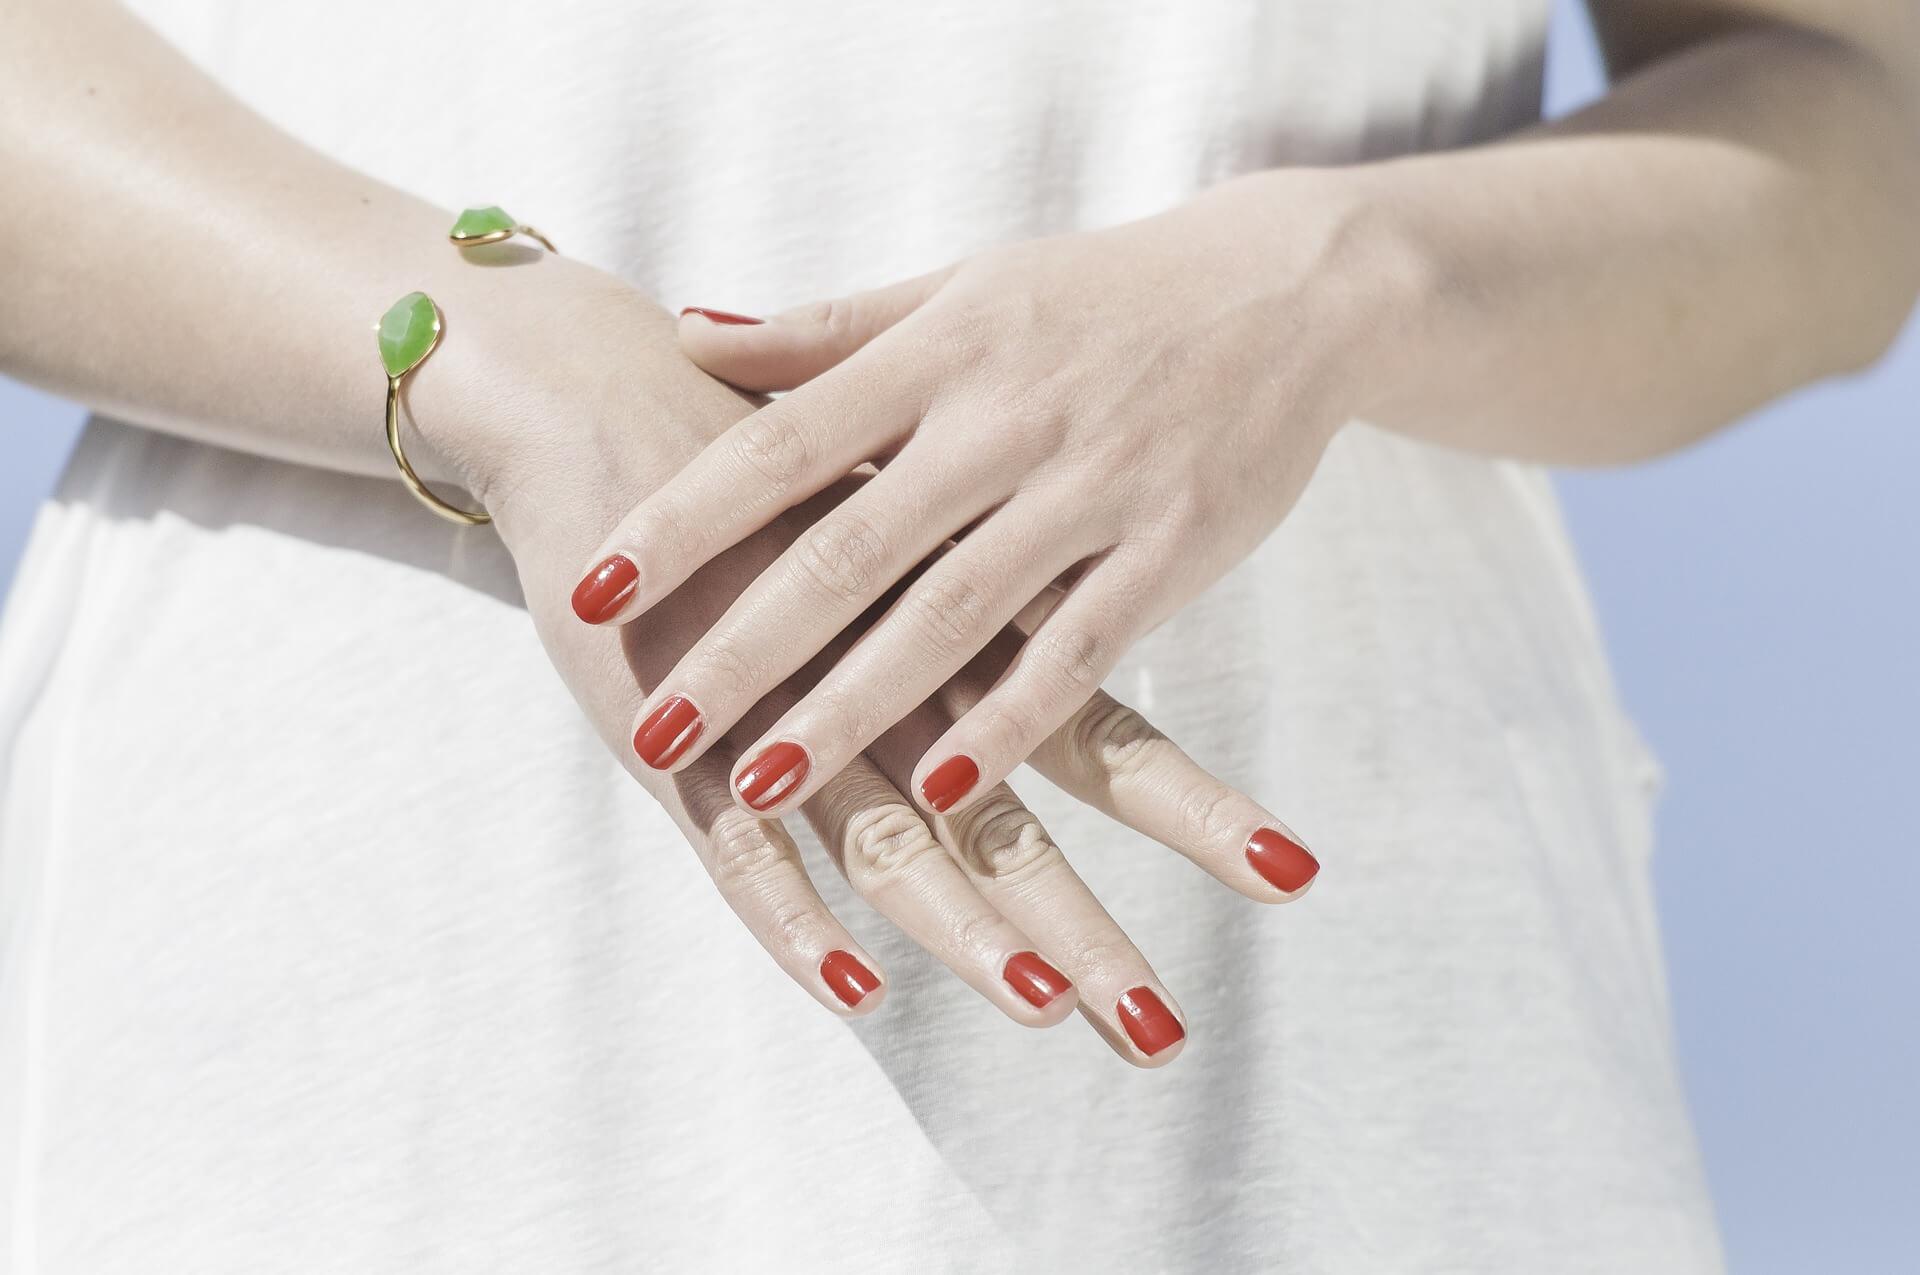 Najmodniejsze odcienie lakierów do paznokci